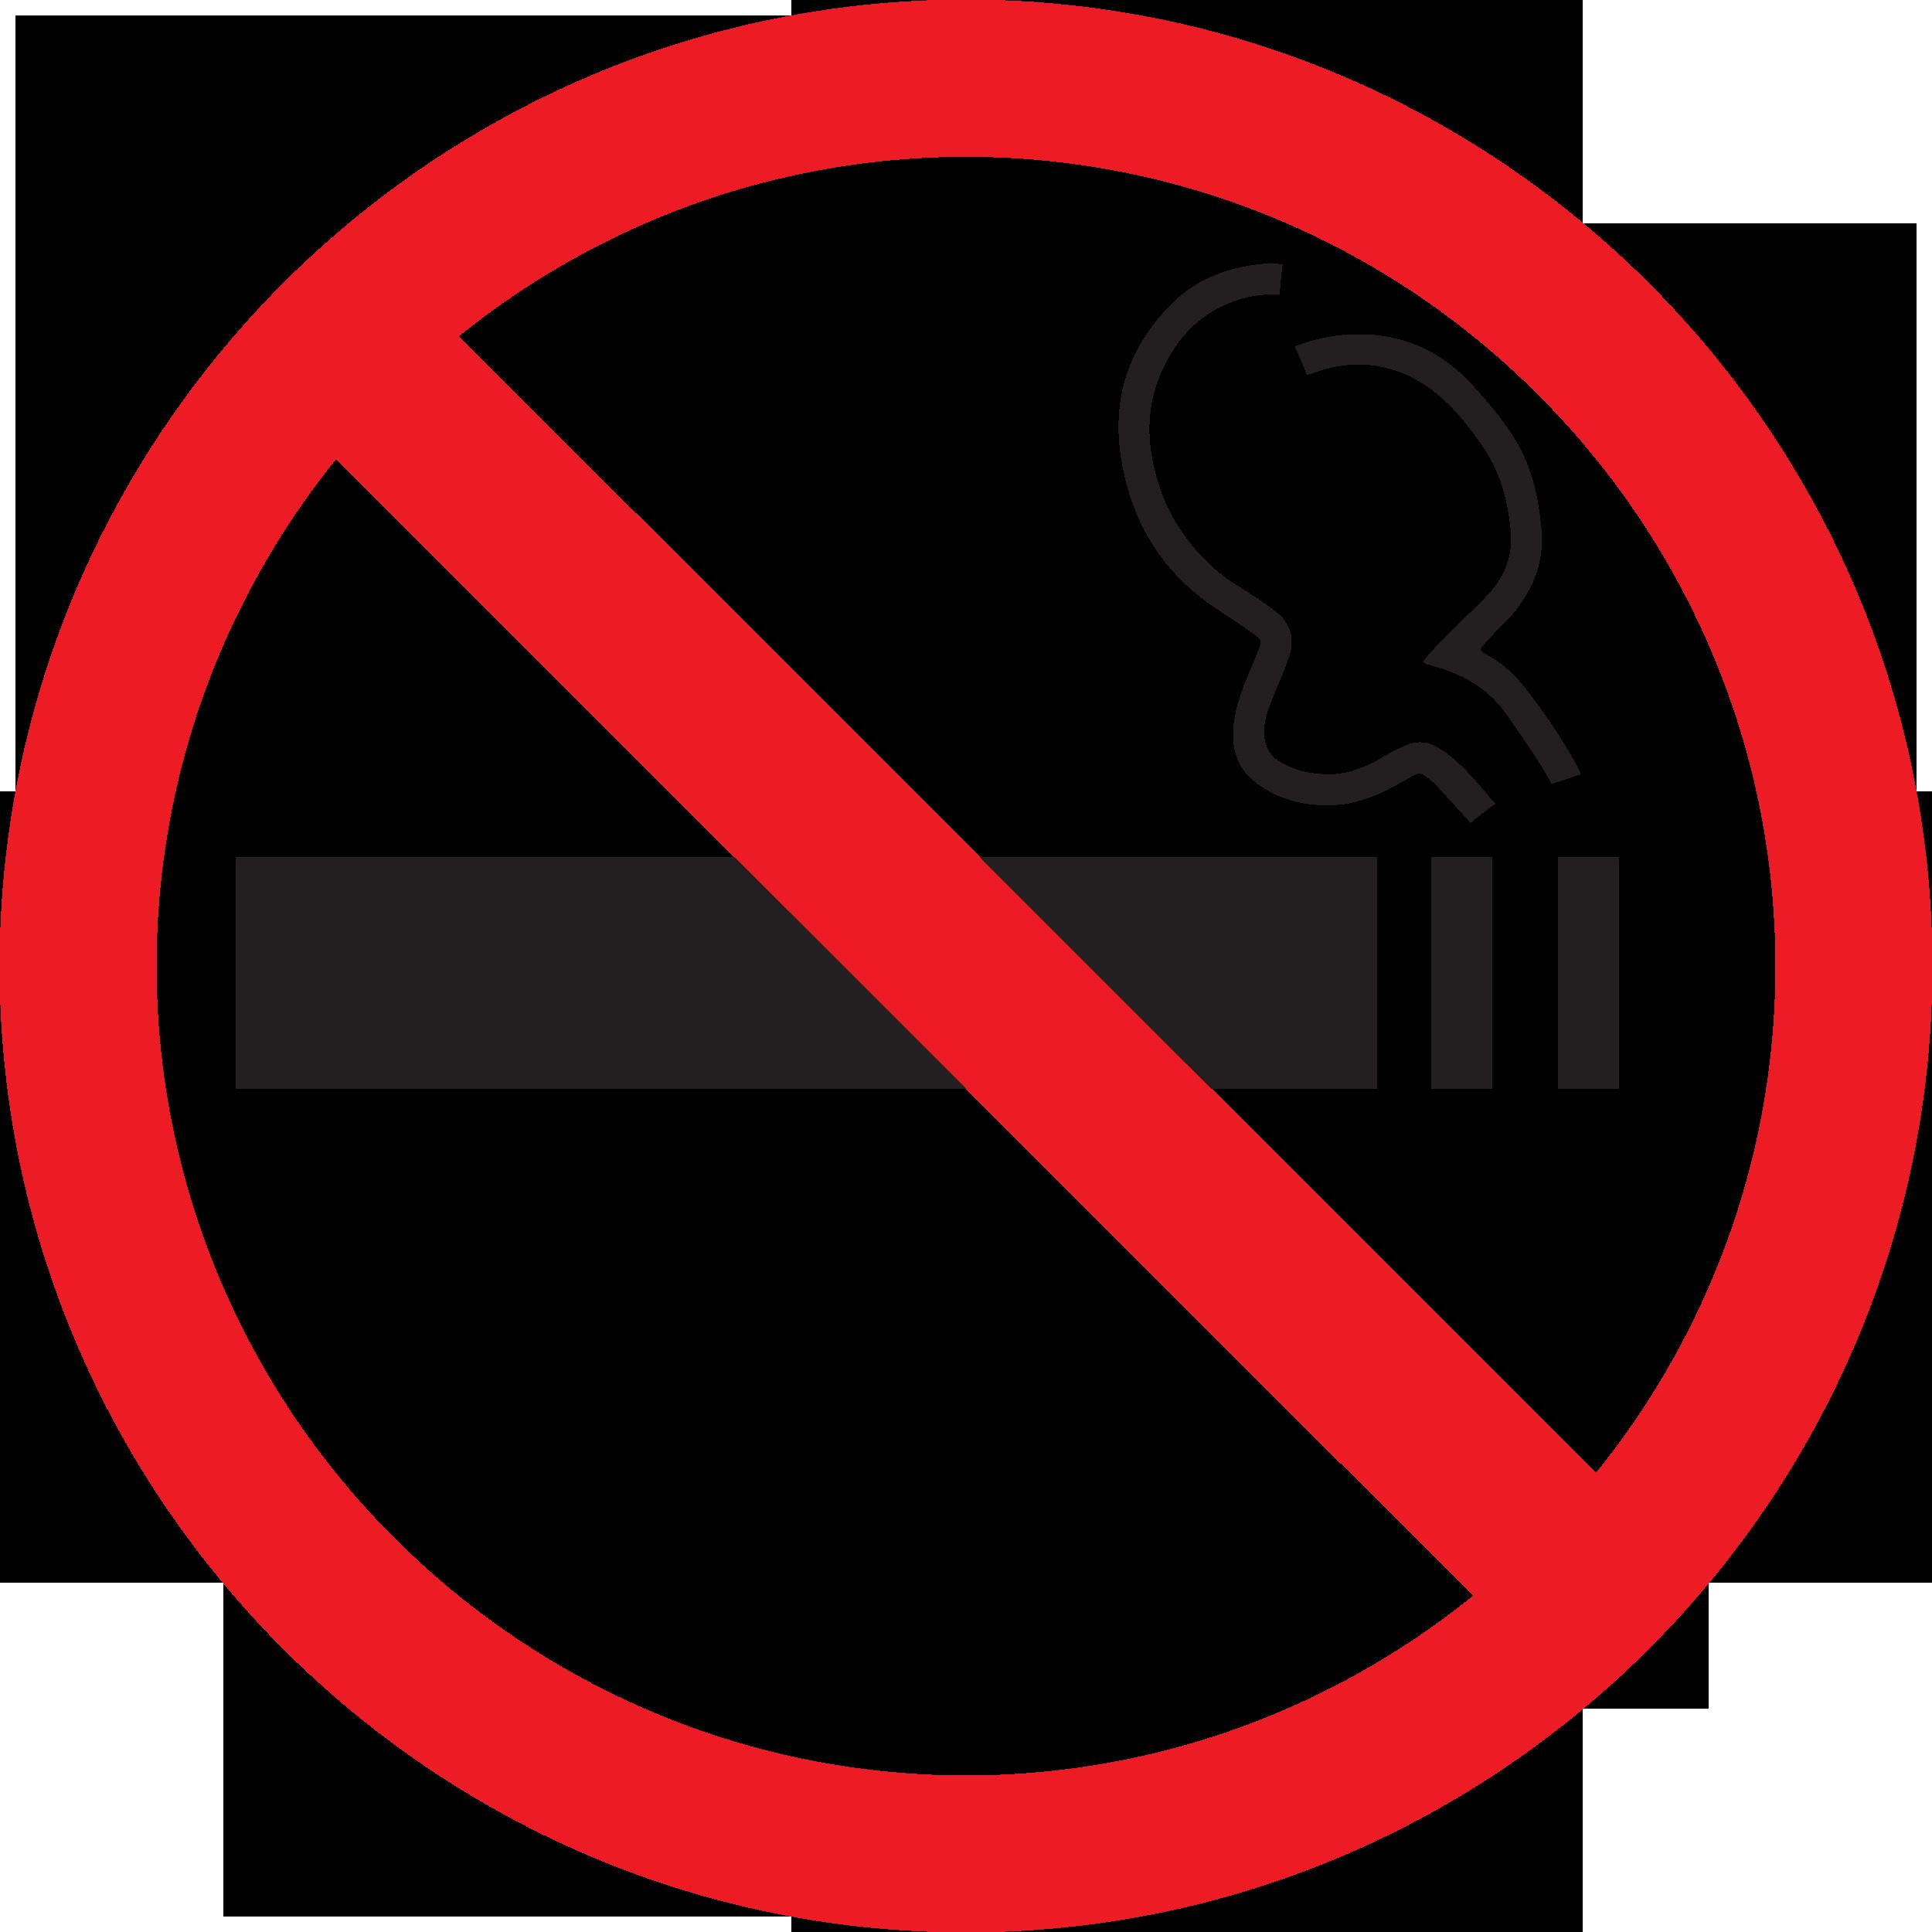 Знак запрещающий Т340 Дополнительный знак о запрете курения (Пленка 200 x 200)